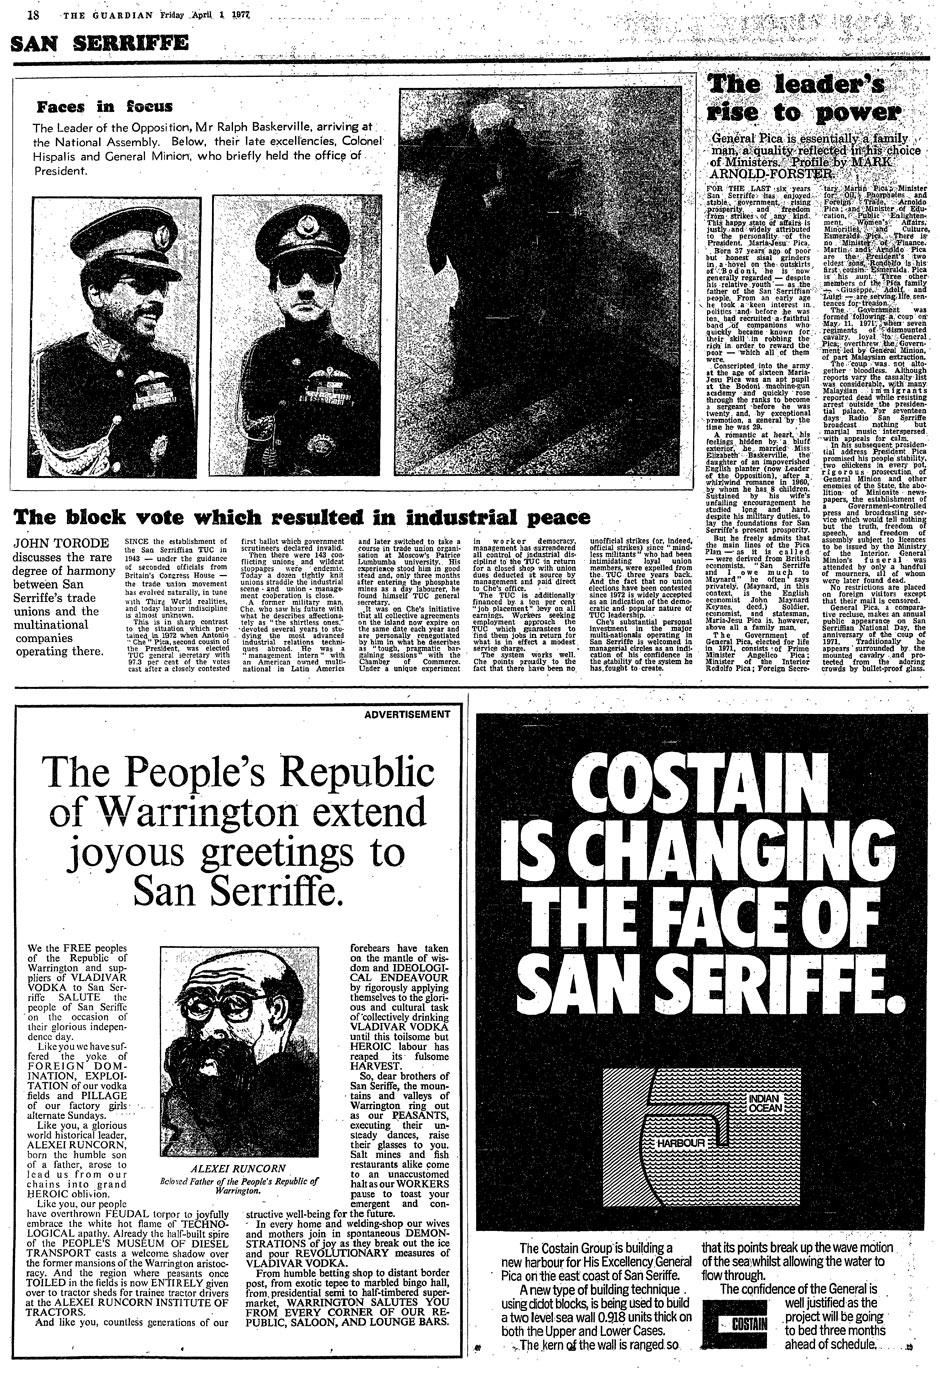 Guardian San Serriffe April Fool 1977